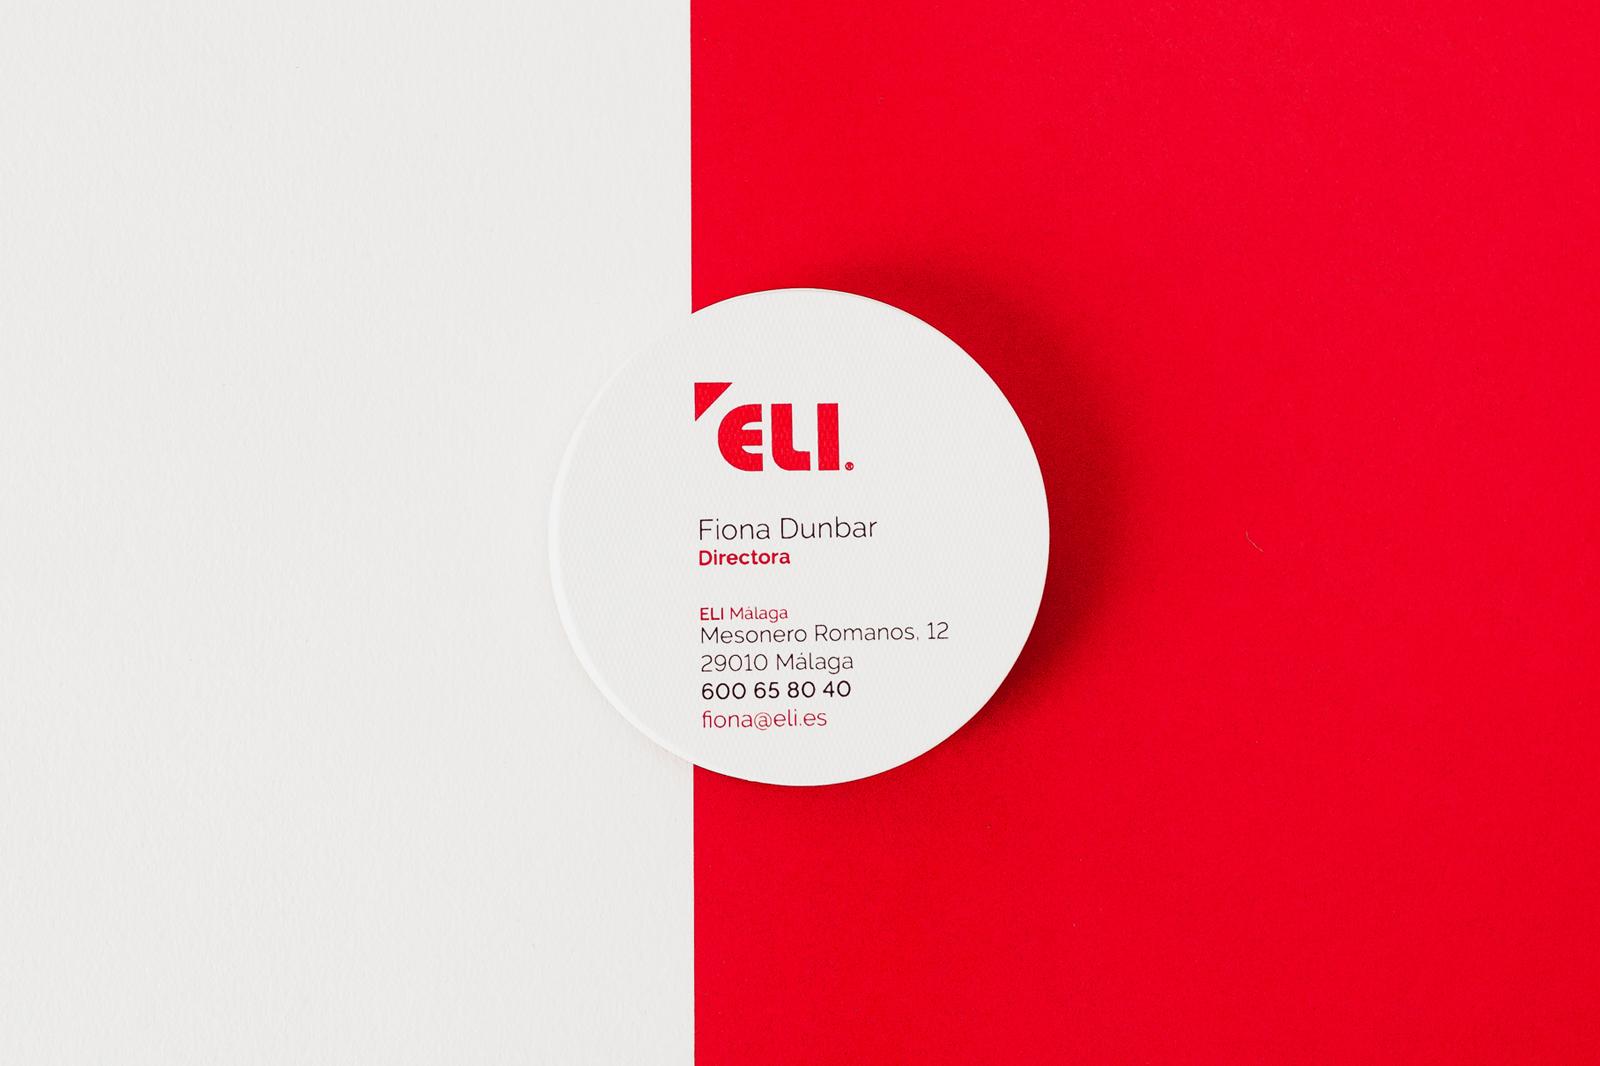 Pedro Cabañas - Design -  BUSINESS CARDS ELI